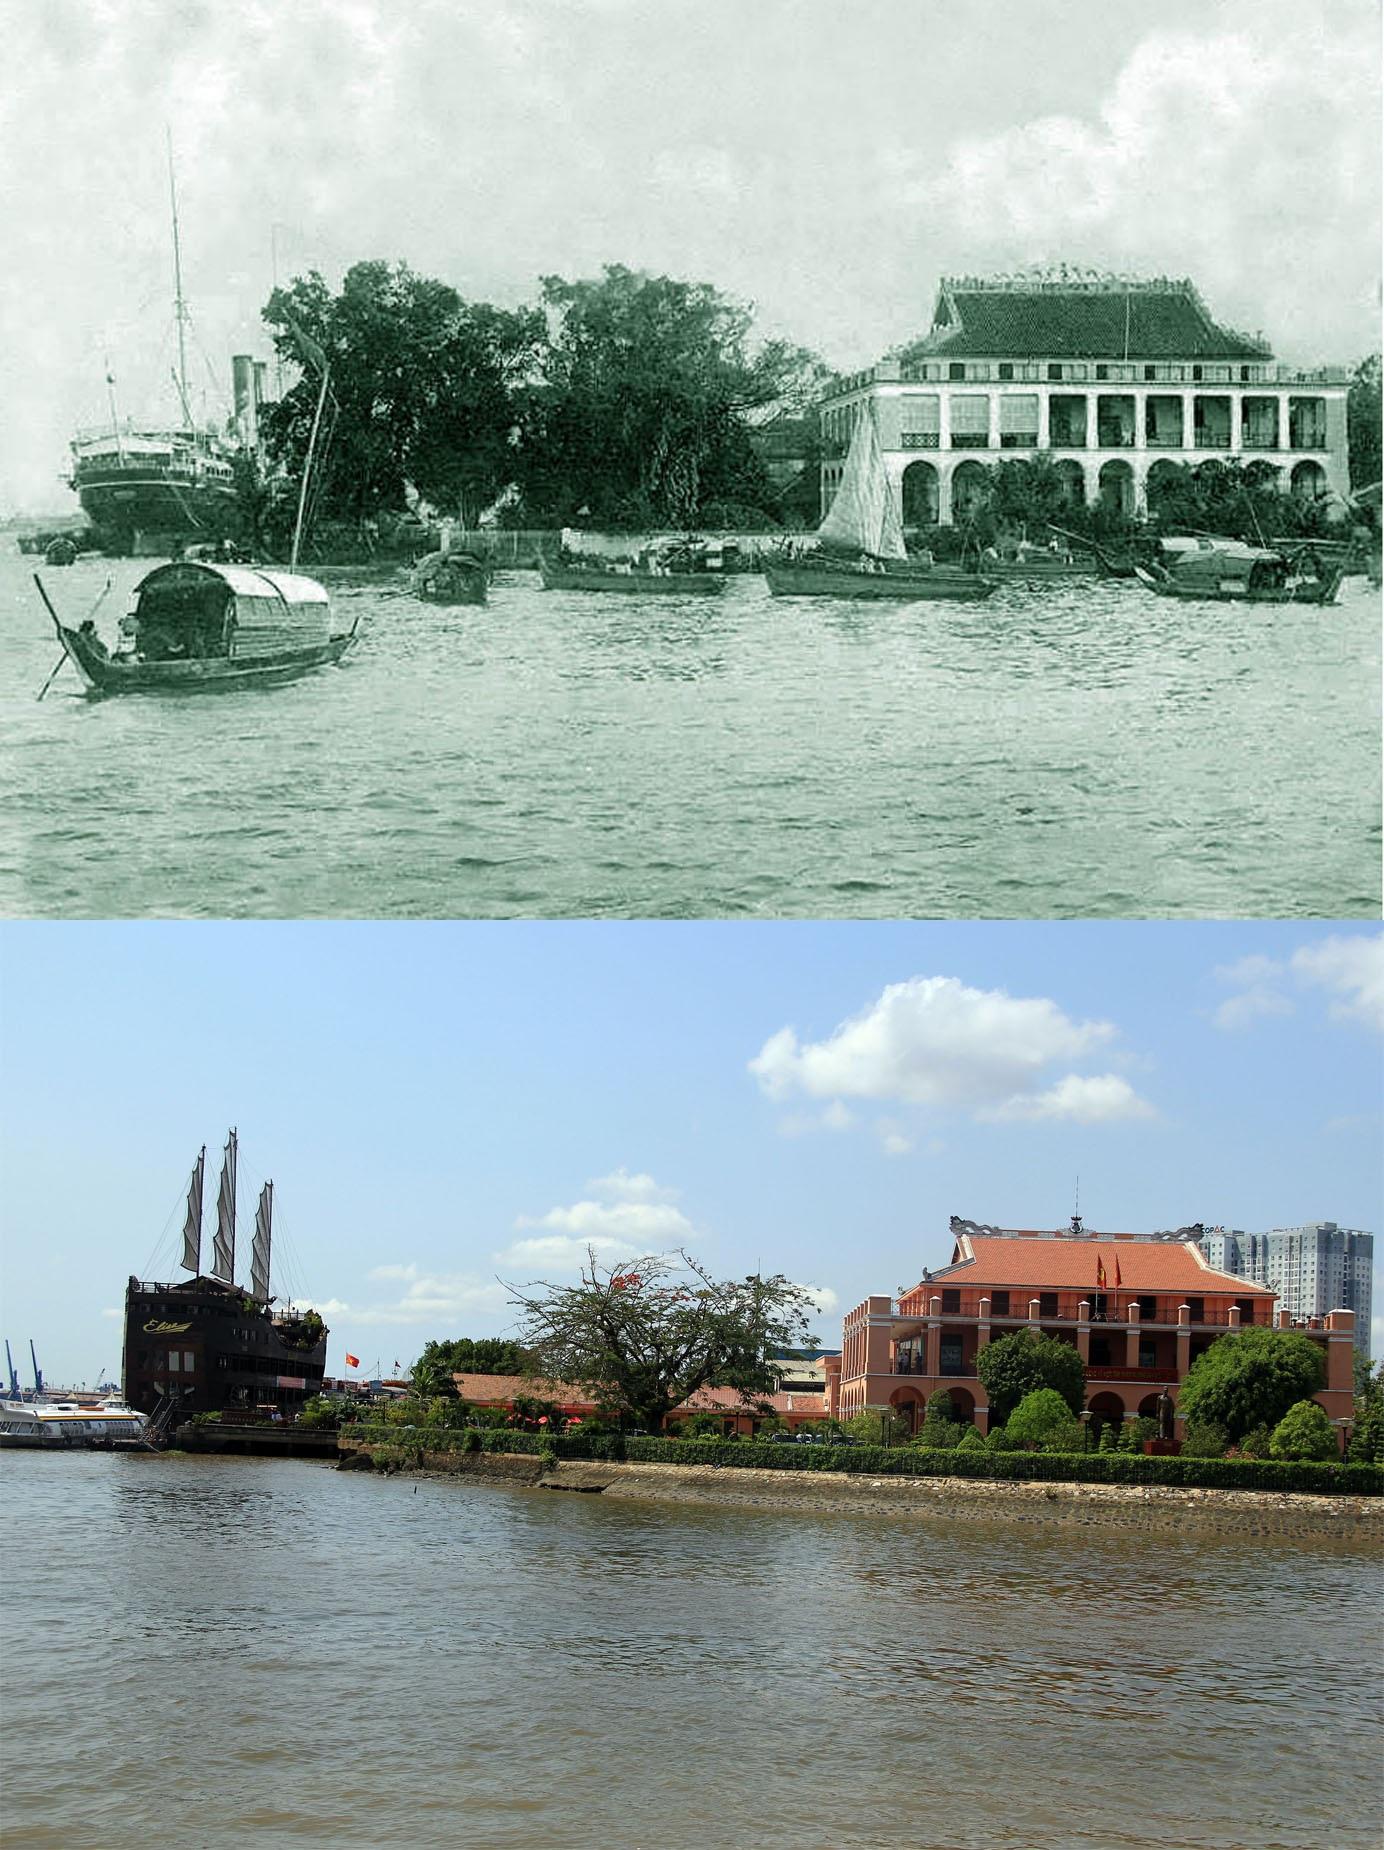 Bến Nhà Rồng, nay là Bảo tàng Hồ Chí Minh tại TPHCM. Khởi đầu đây là một thương cảng lớn của Sài Gòn, được xây dựng từ năm 1862. Năm 1864, ngôi nhà Rồng này được hoàn thành. Tại nơi đây, vào ngày 5/6/1911, người thanh niên Nguyễn Tất Thành đã xuống con tàu Amiral Latouche Tréville làm phụ bếp để có điều kiện sang châu Âu. Do đó, từ sau 1975, toà nhà này trở thành khu lưu niệm Hồ Chí Minh..